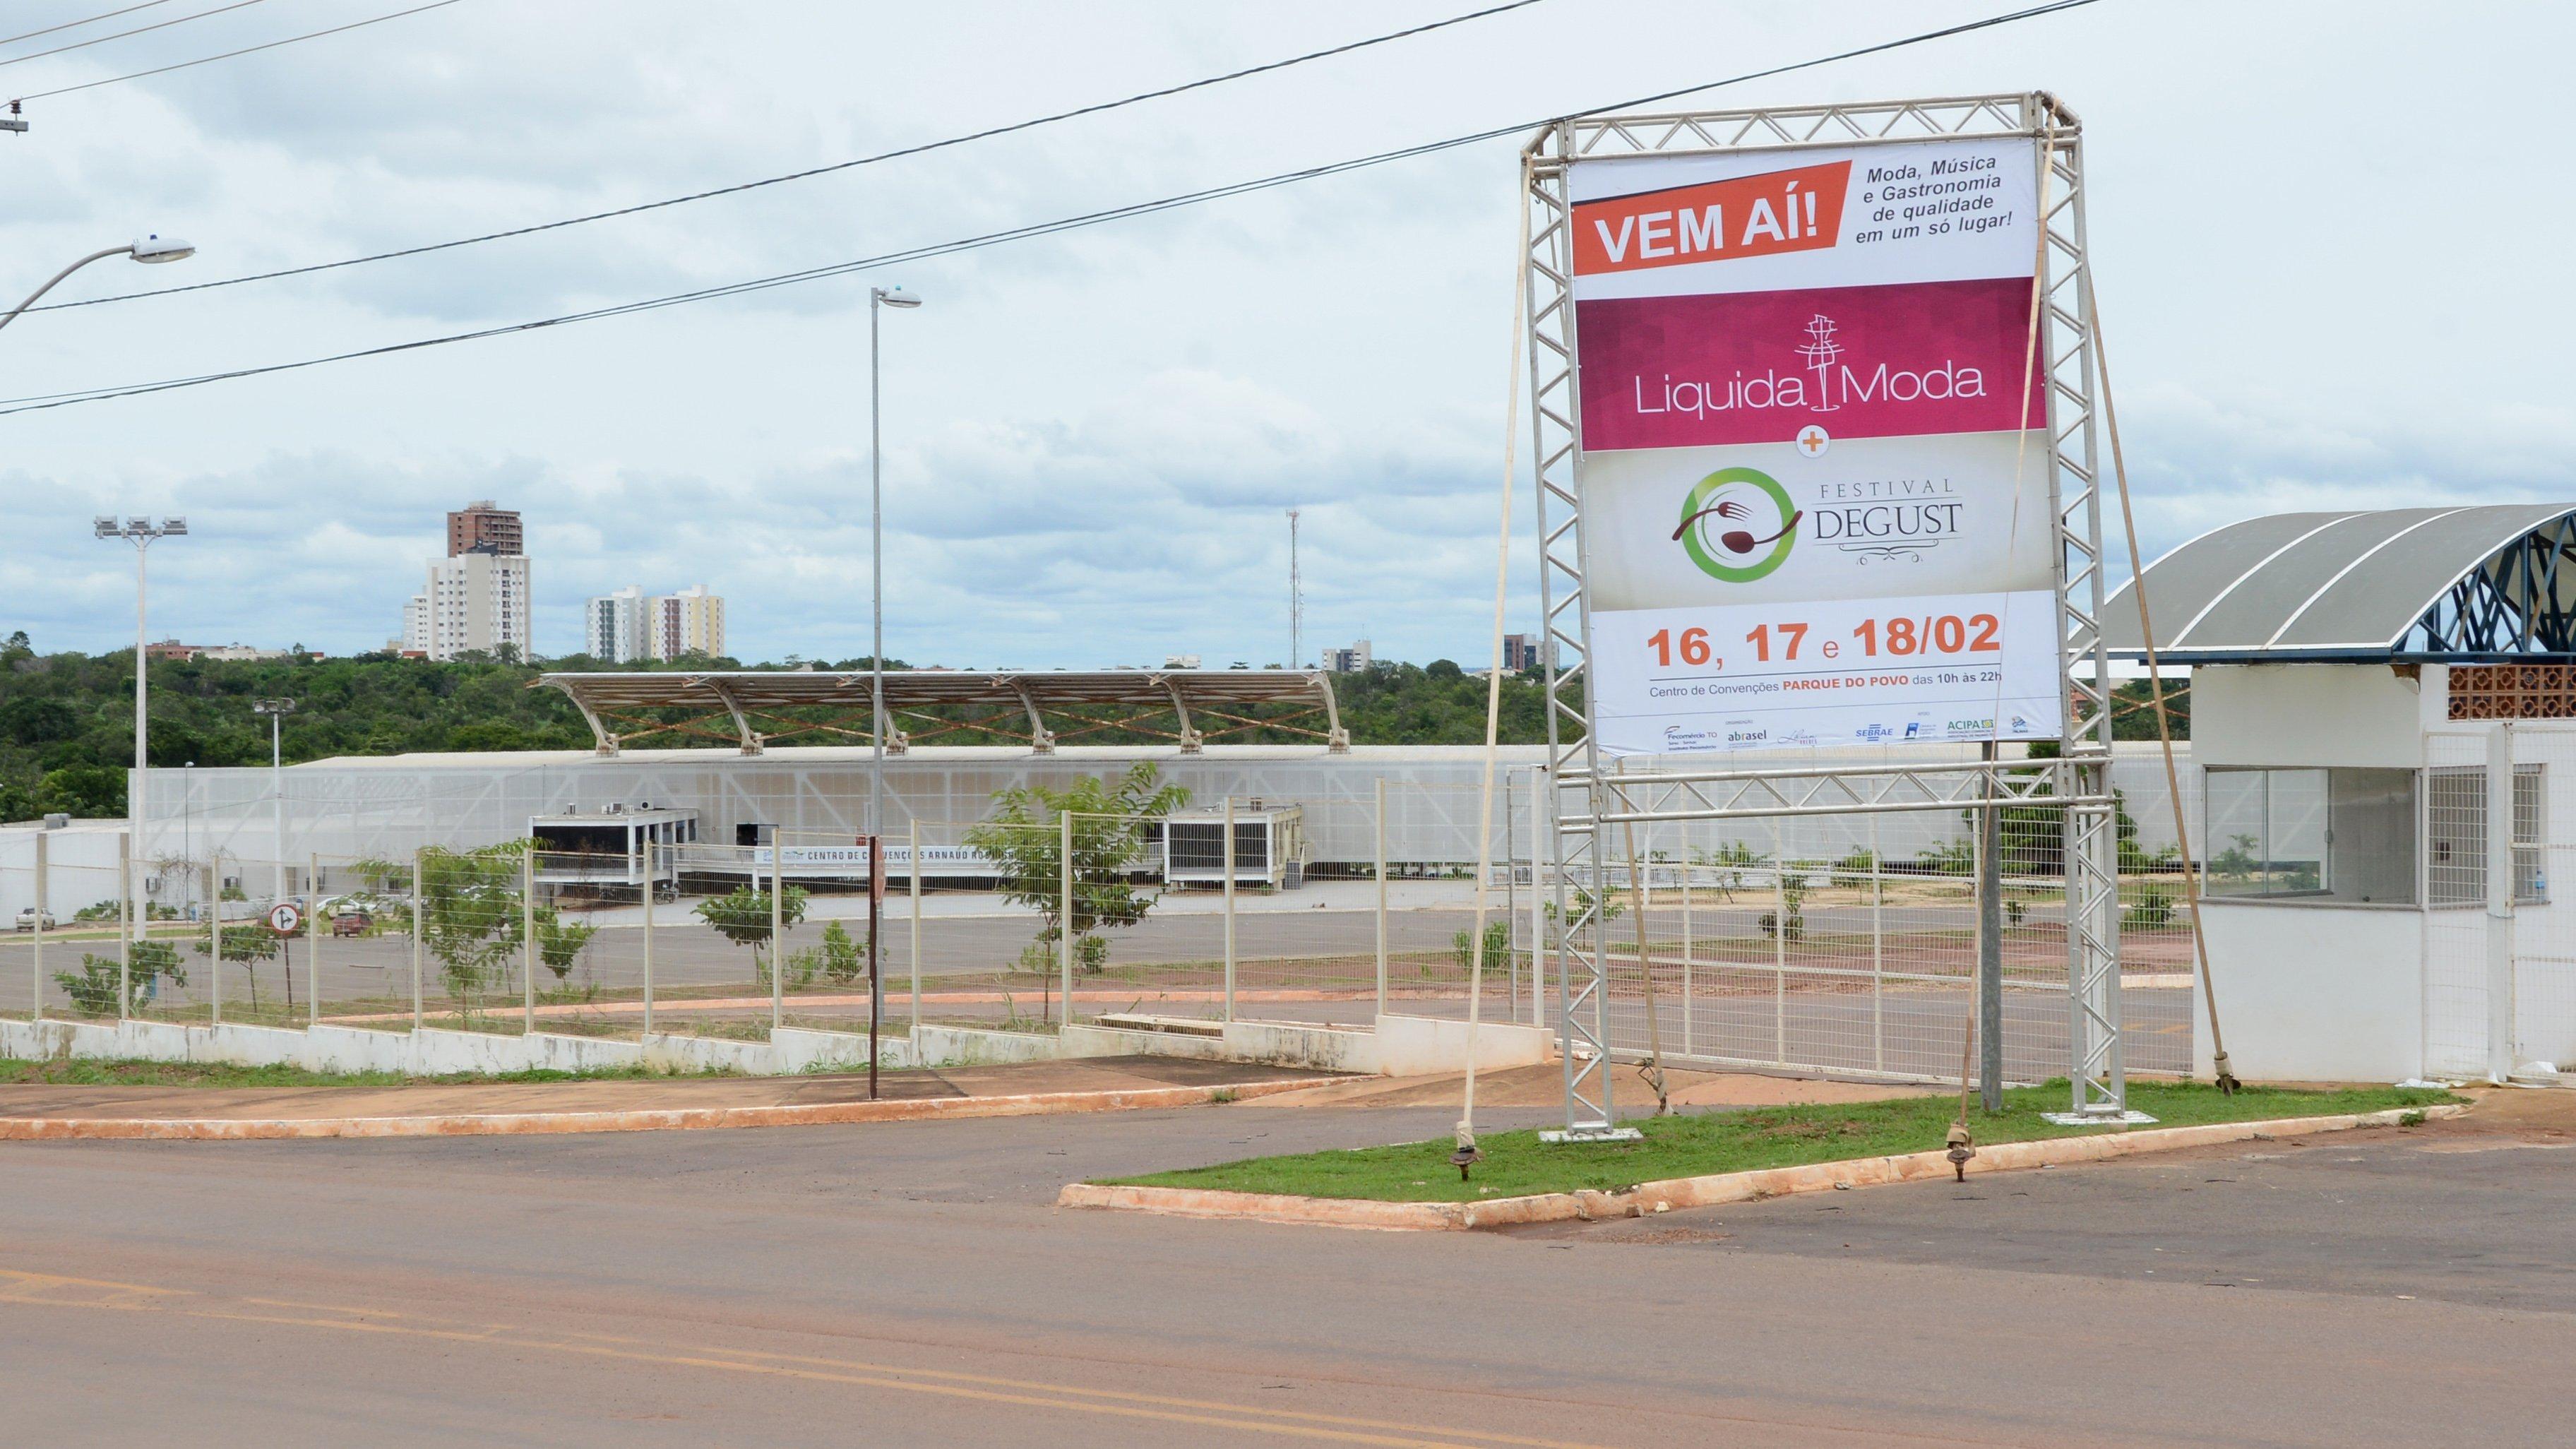 327ed73f4f Liquida Moda começa nesta quinta no Centro de Convenções de Palmas